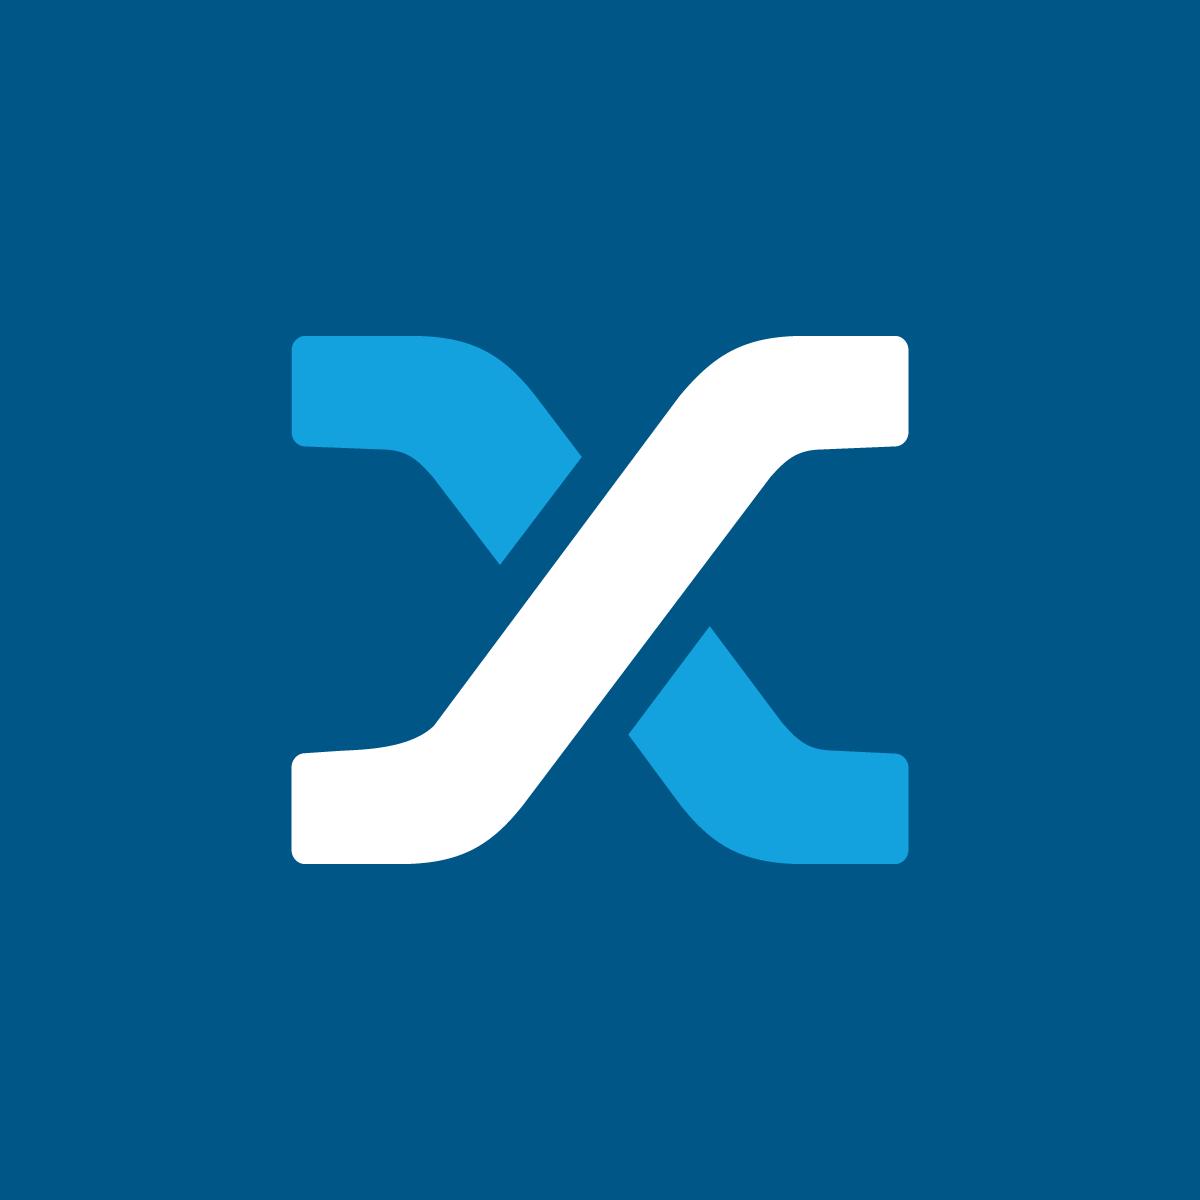 Auxmoney's logo